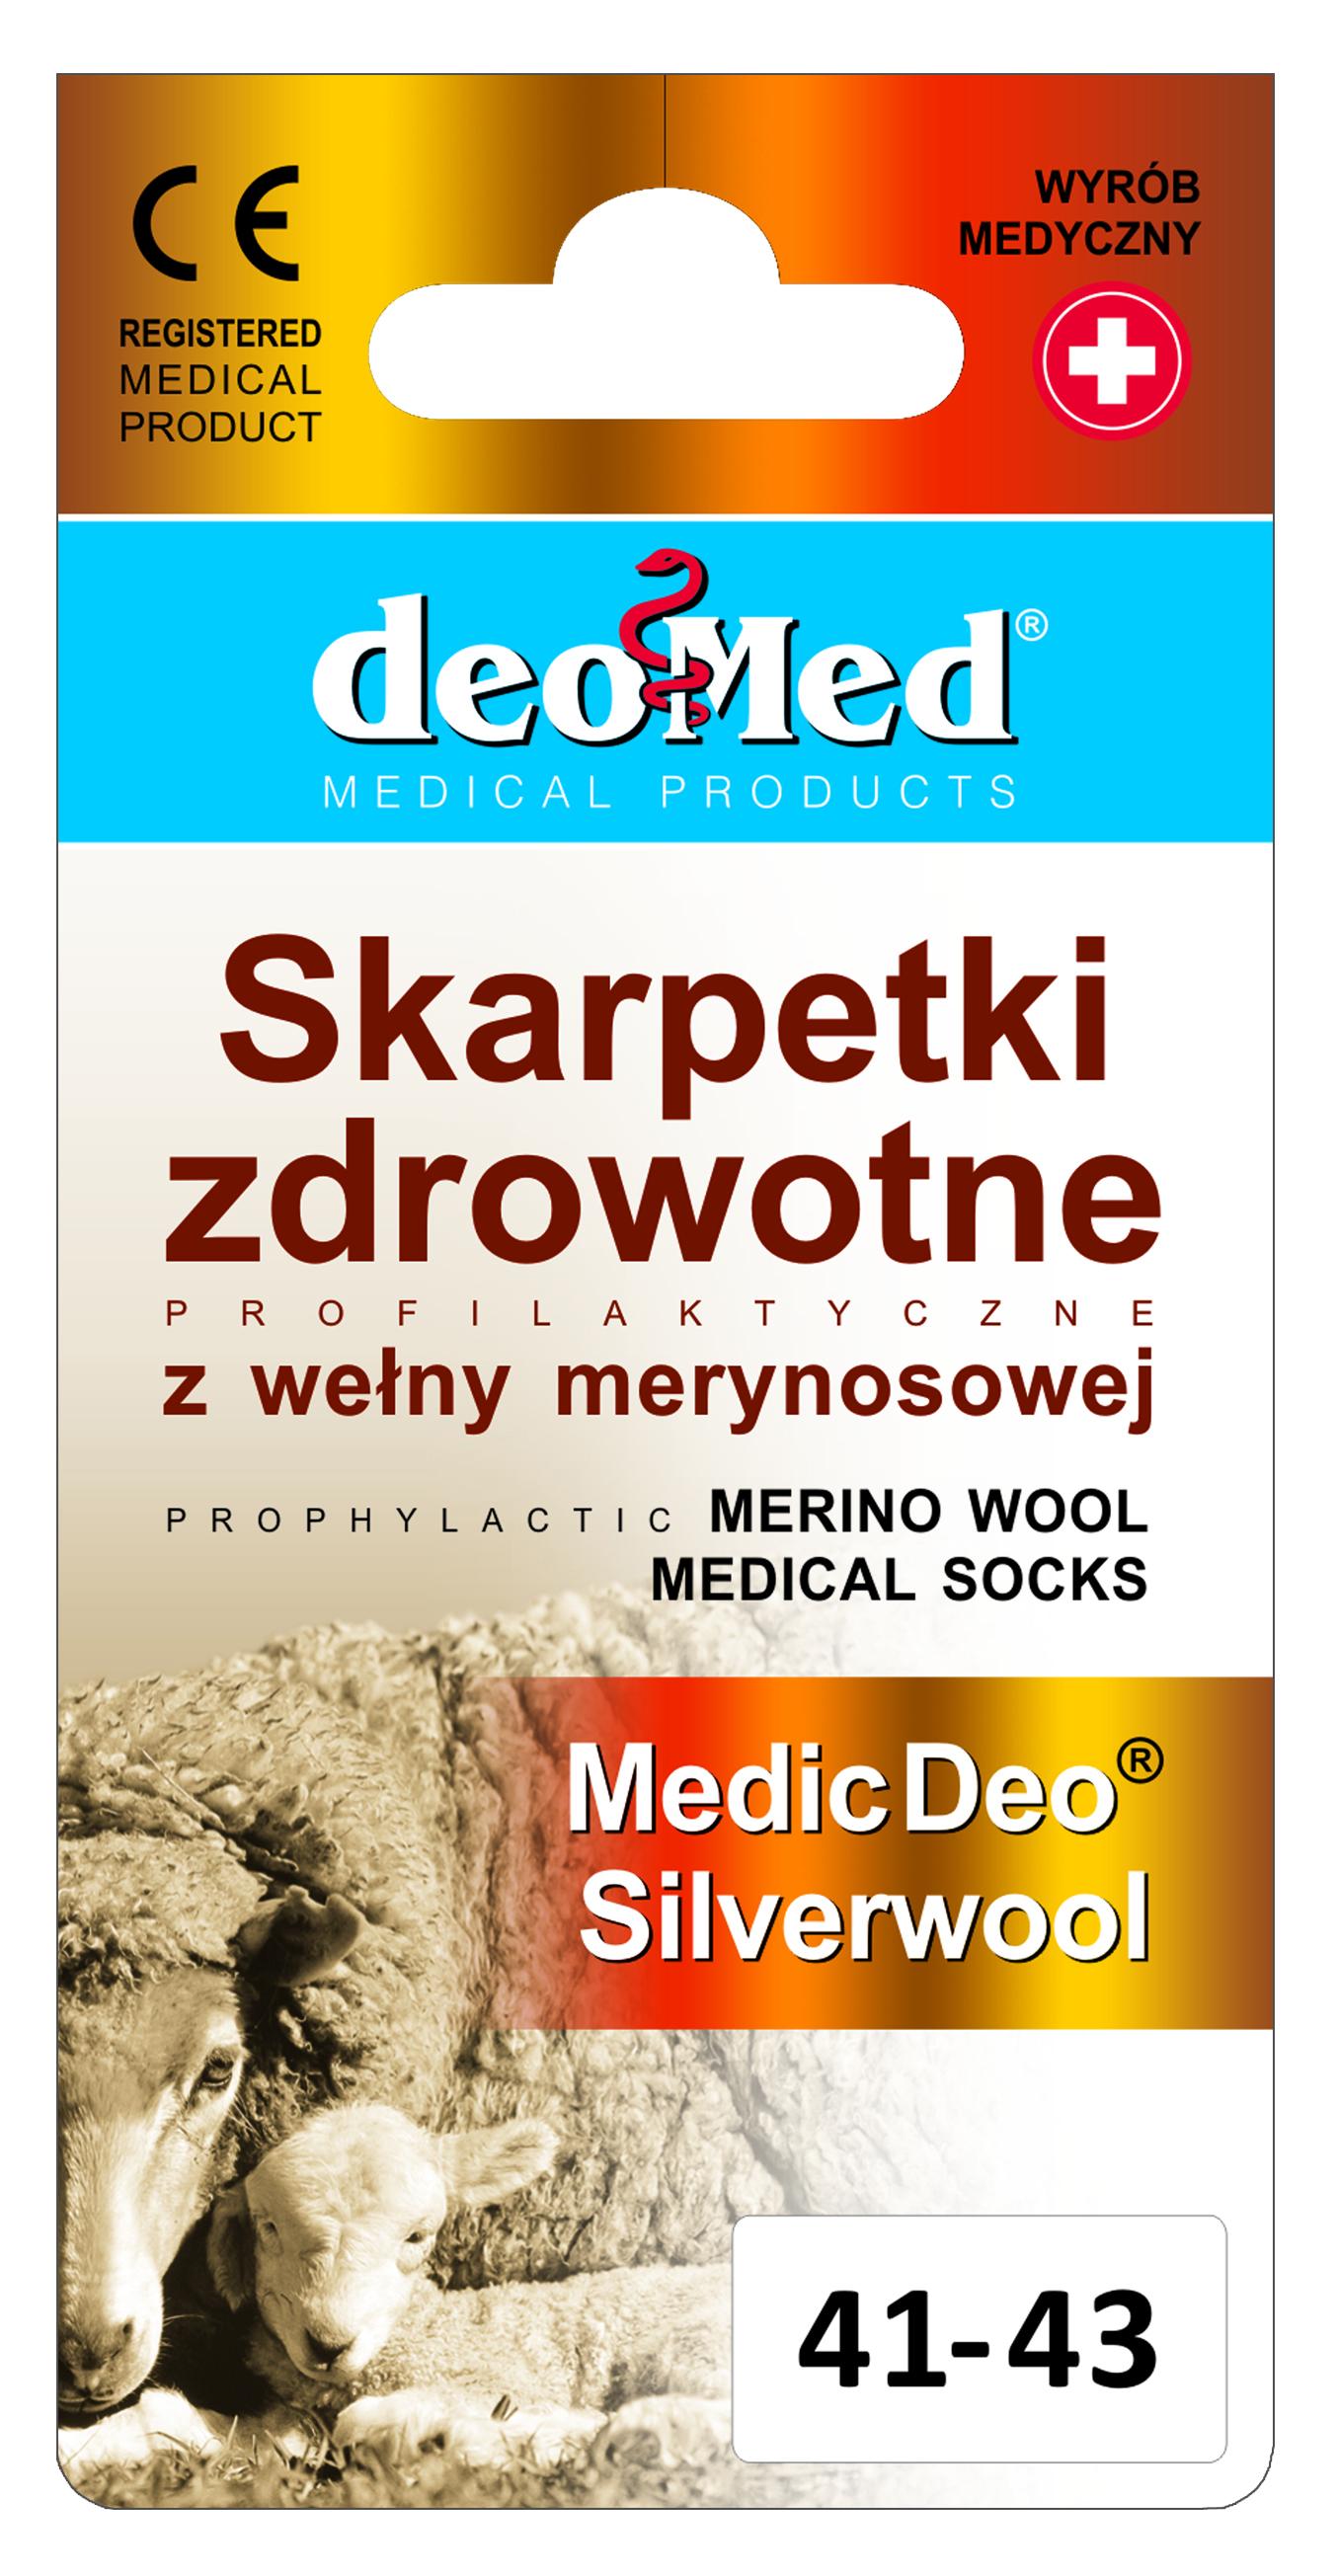 metka Medic Deo Silverwool